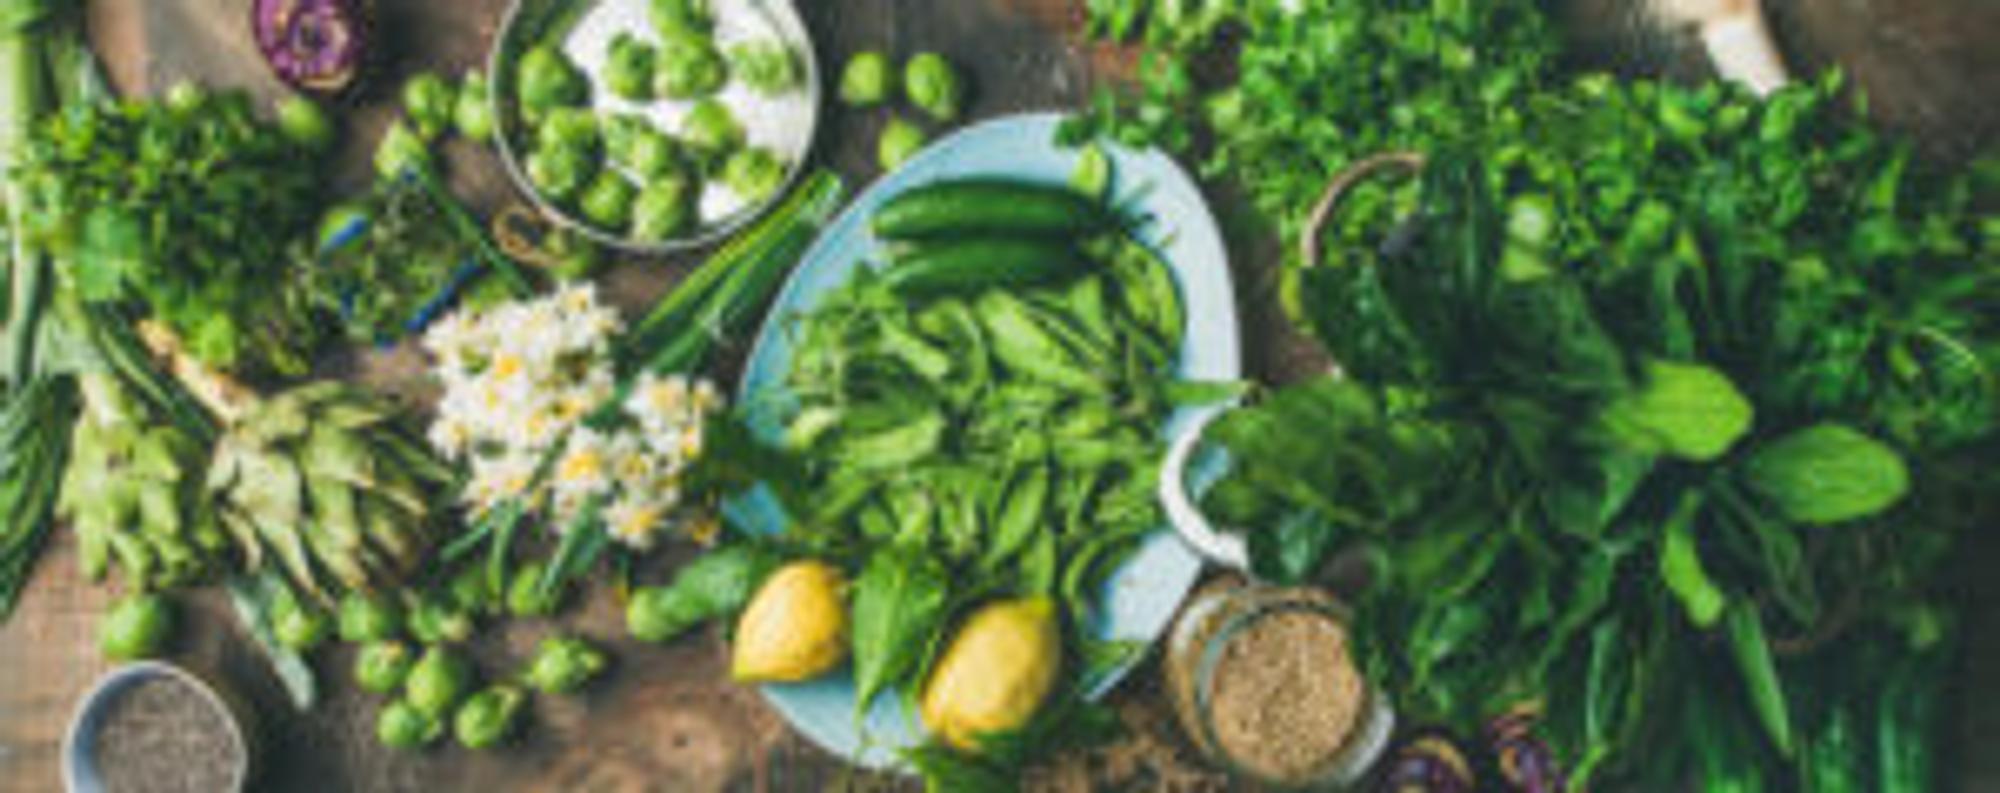 Frisches Gemüse auf einem Tisch drapiert.